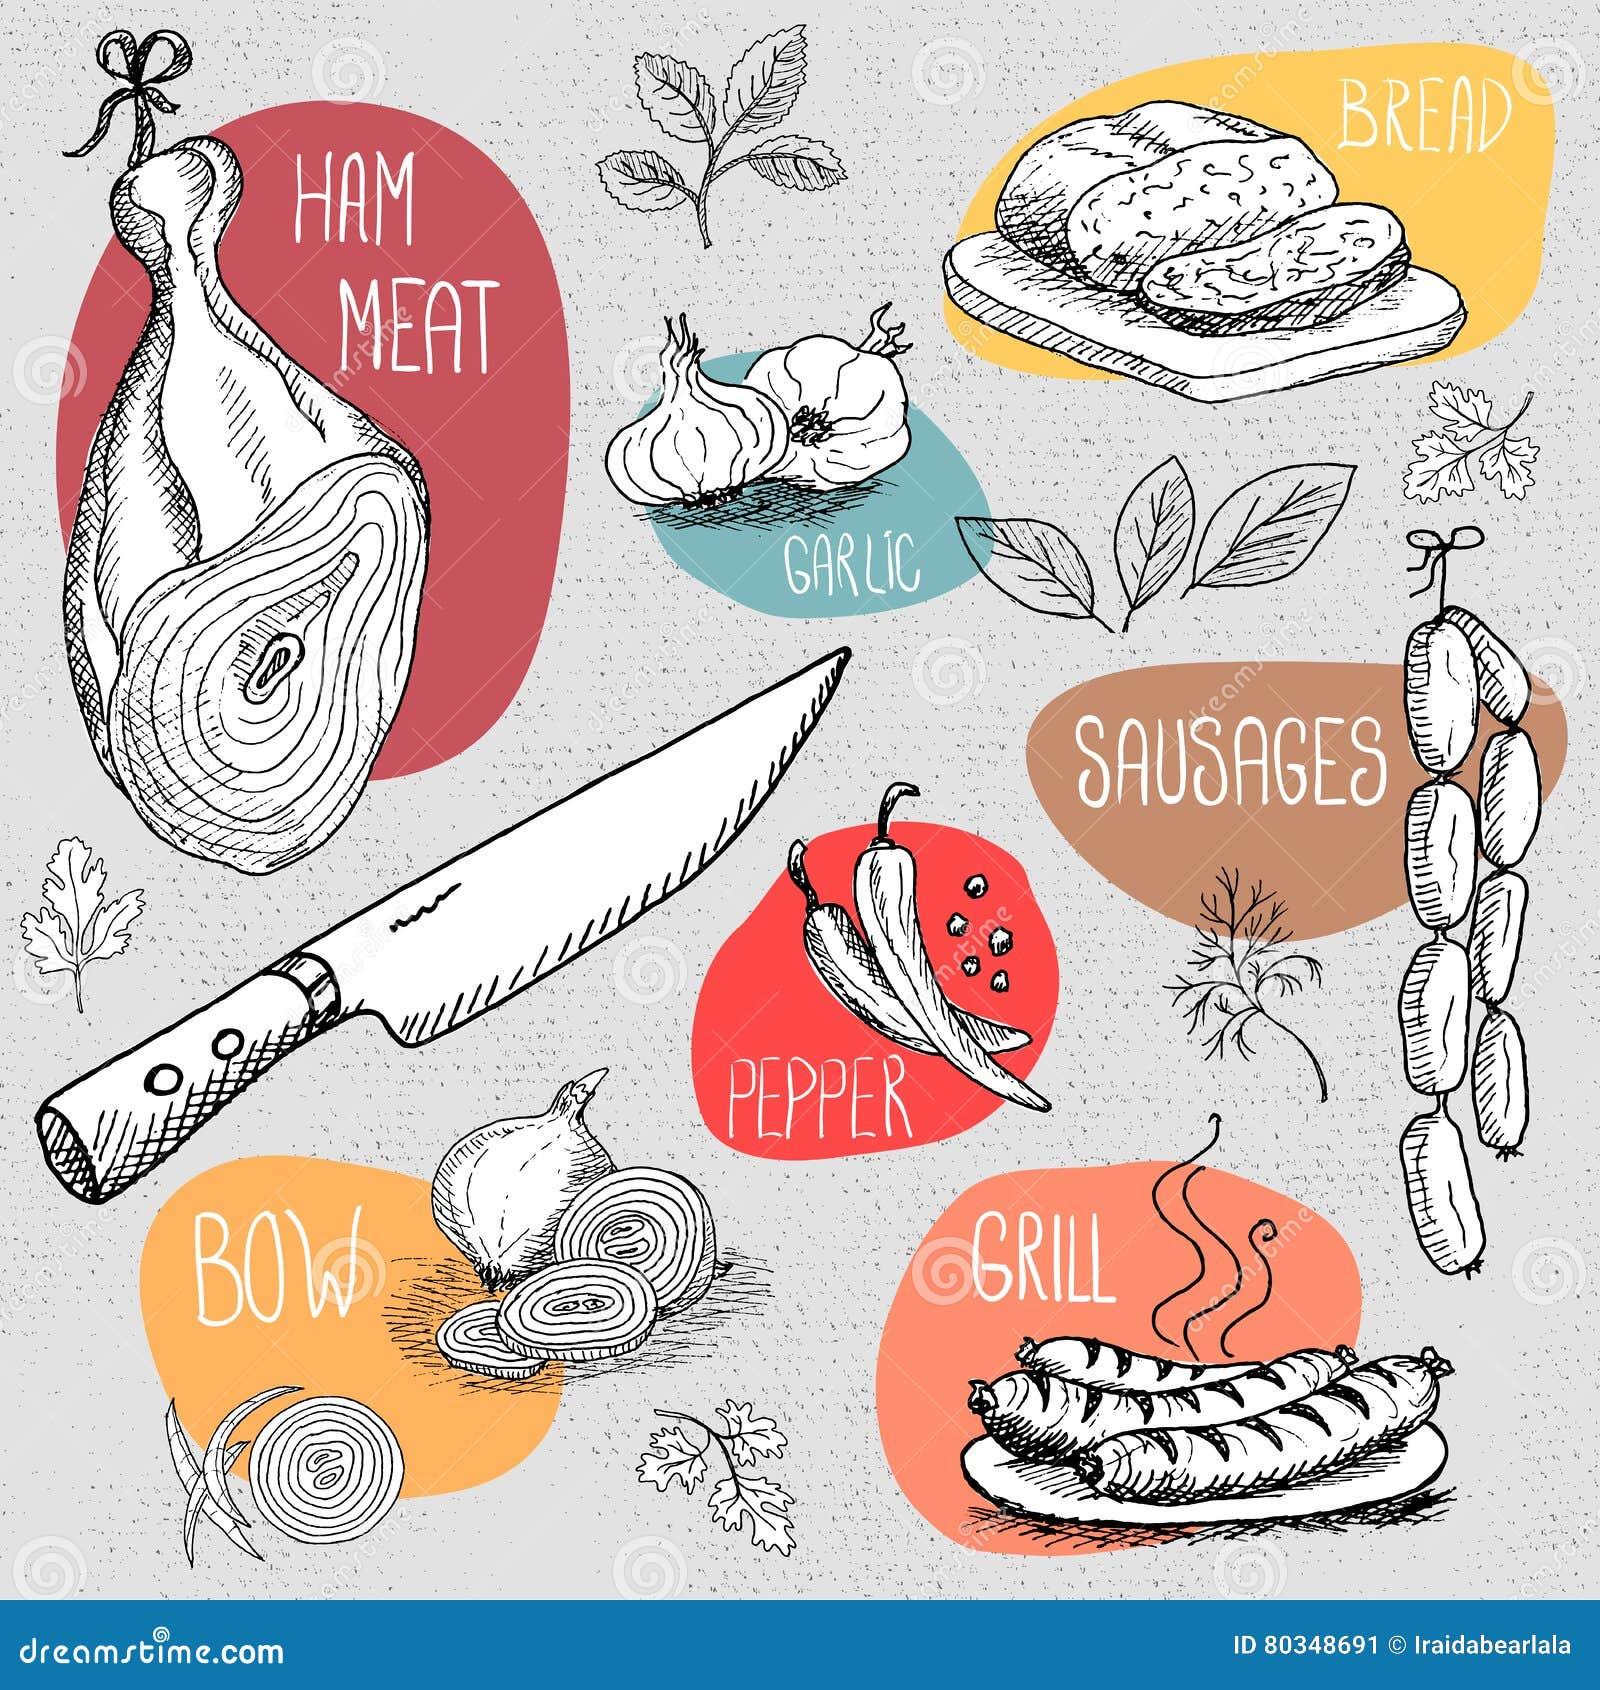 Σύνολο κιμωλίας που επισύρεται την προσοχή σε τρόφιμα πινάκων, καρυκεύματα